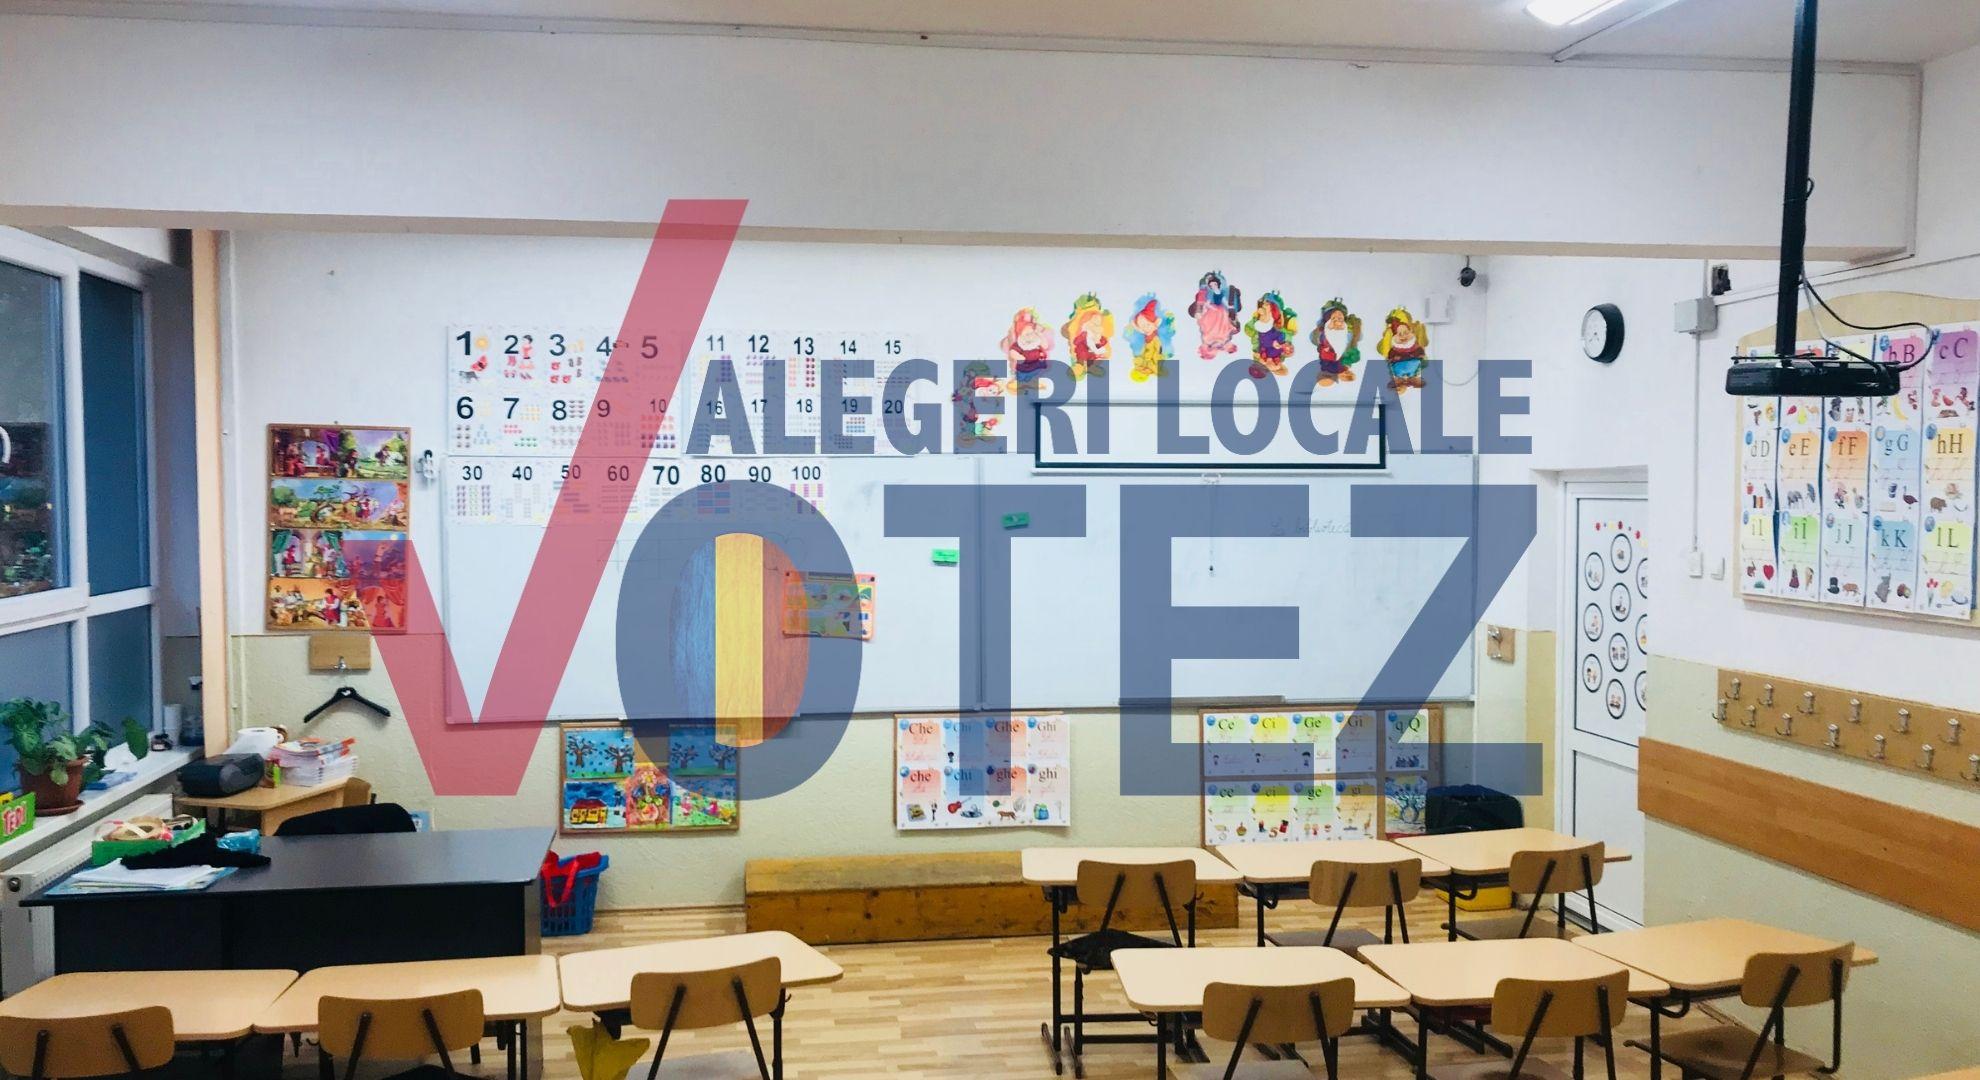 Două zile libere pentru elevi, după alegerile locale din 27 septembrie